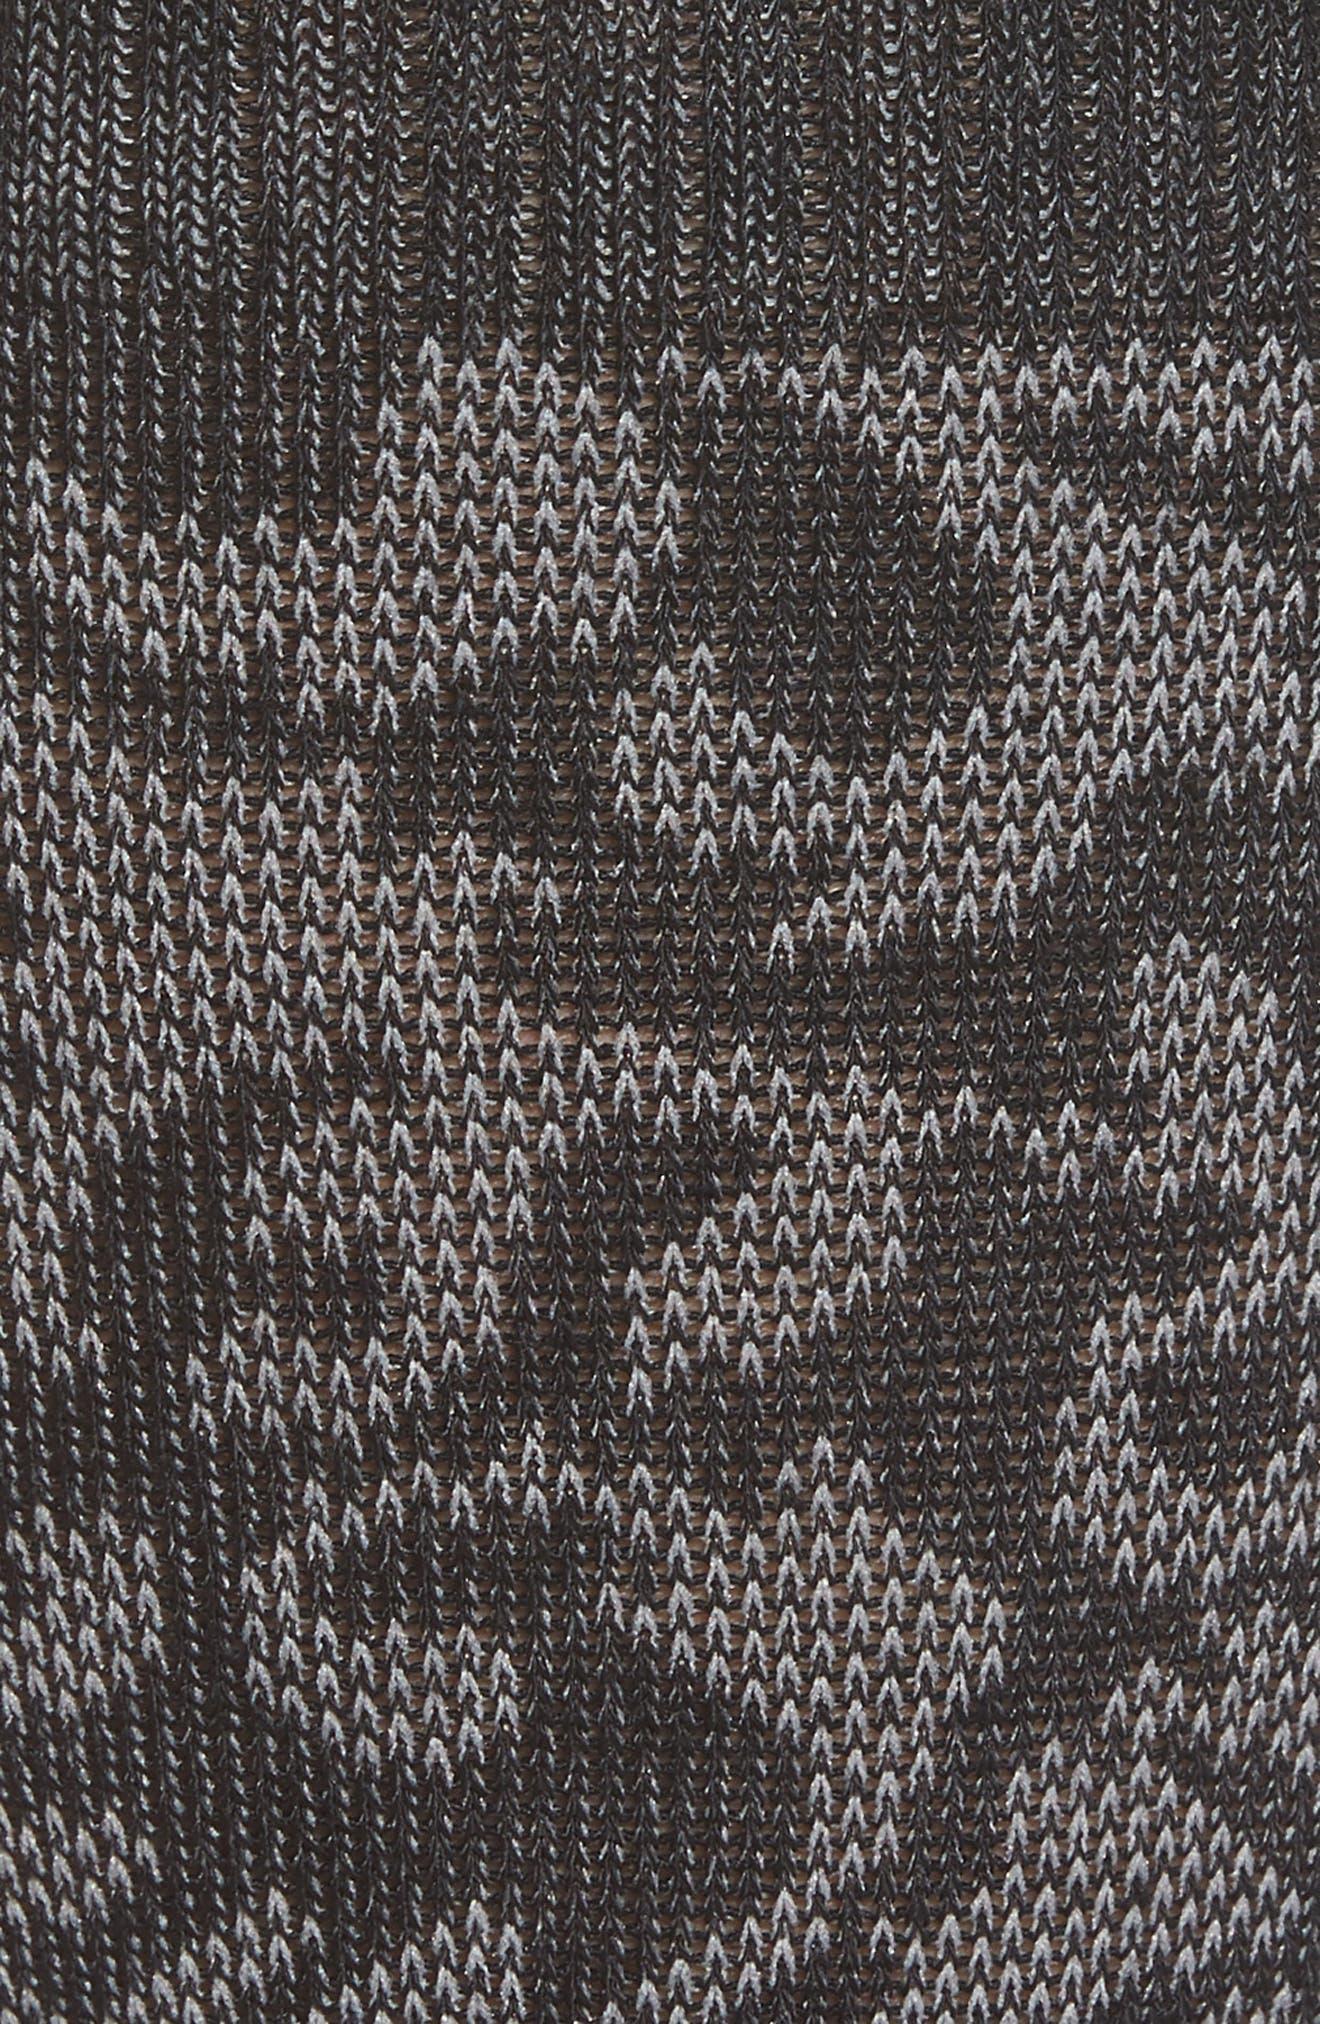 'Damask' Compression Socks,                             Alternate thumbnail 2, color,                             001